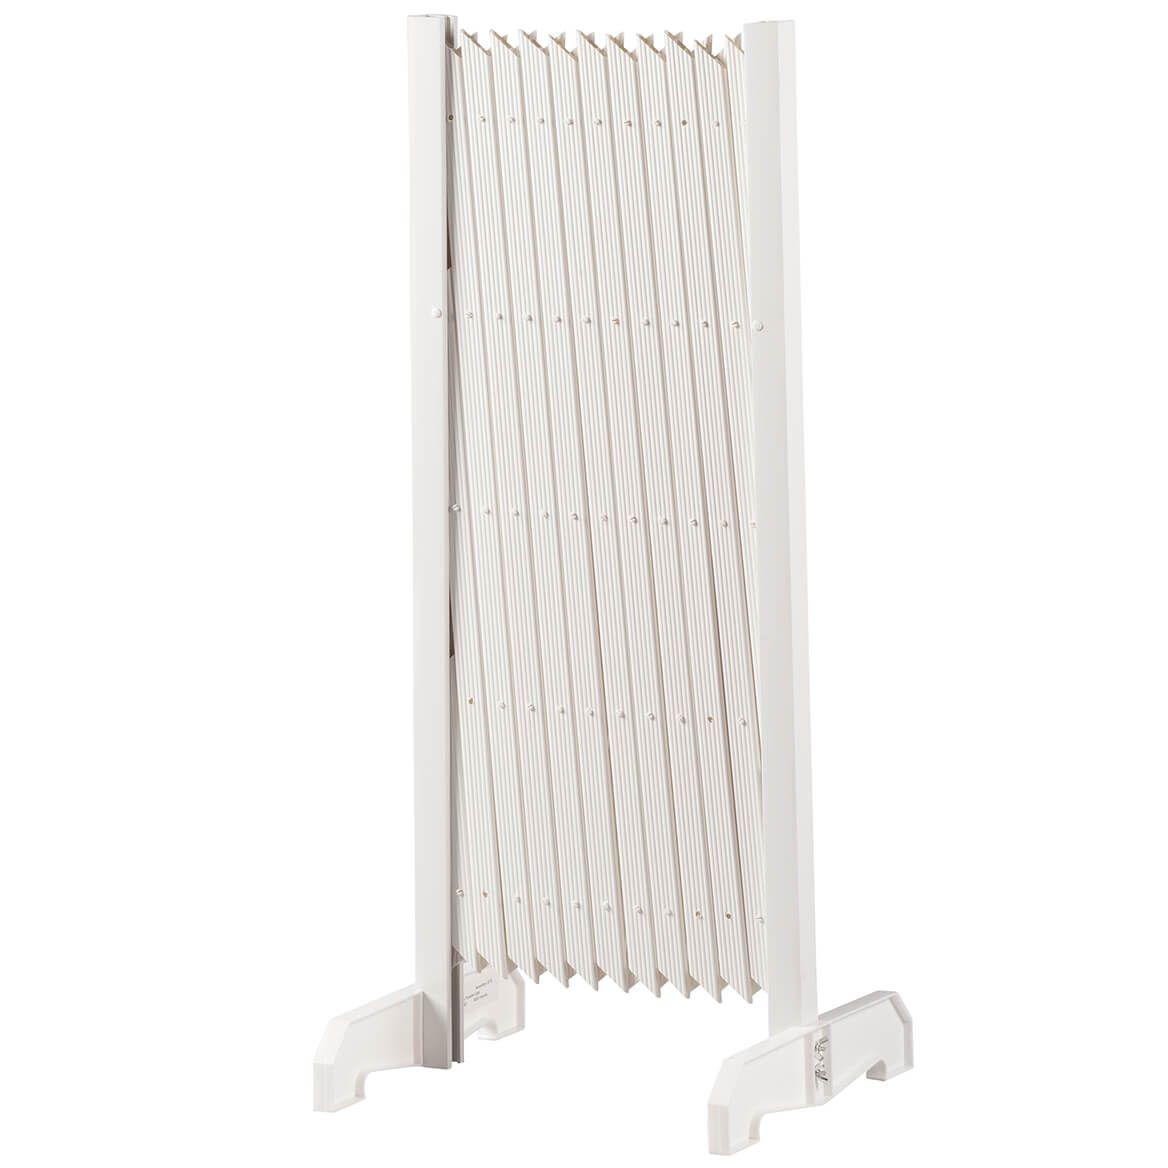 Portable Gate                   XL-367157